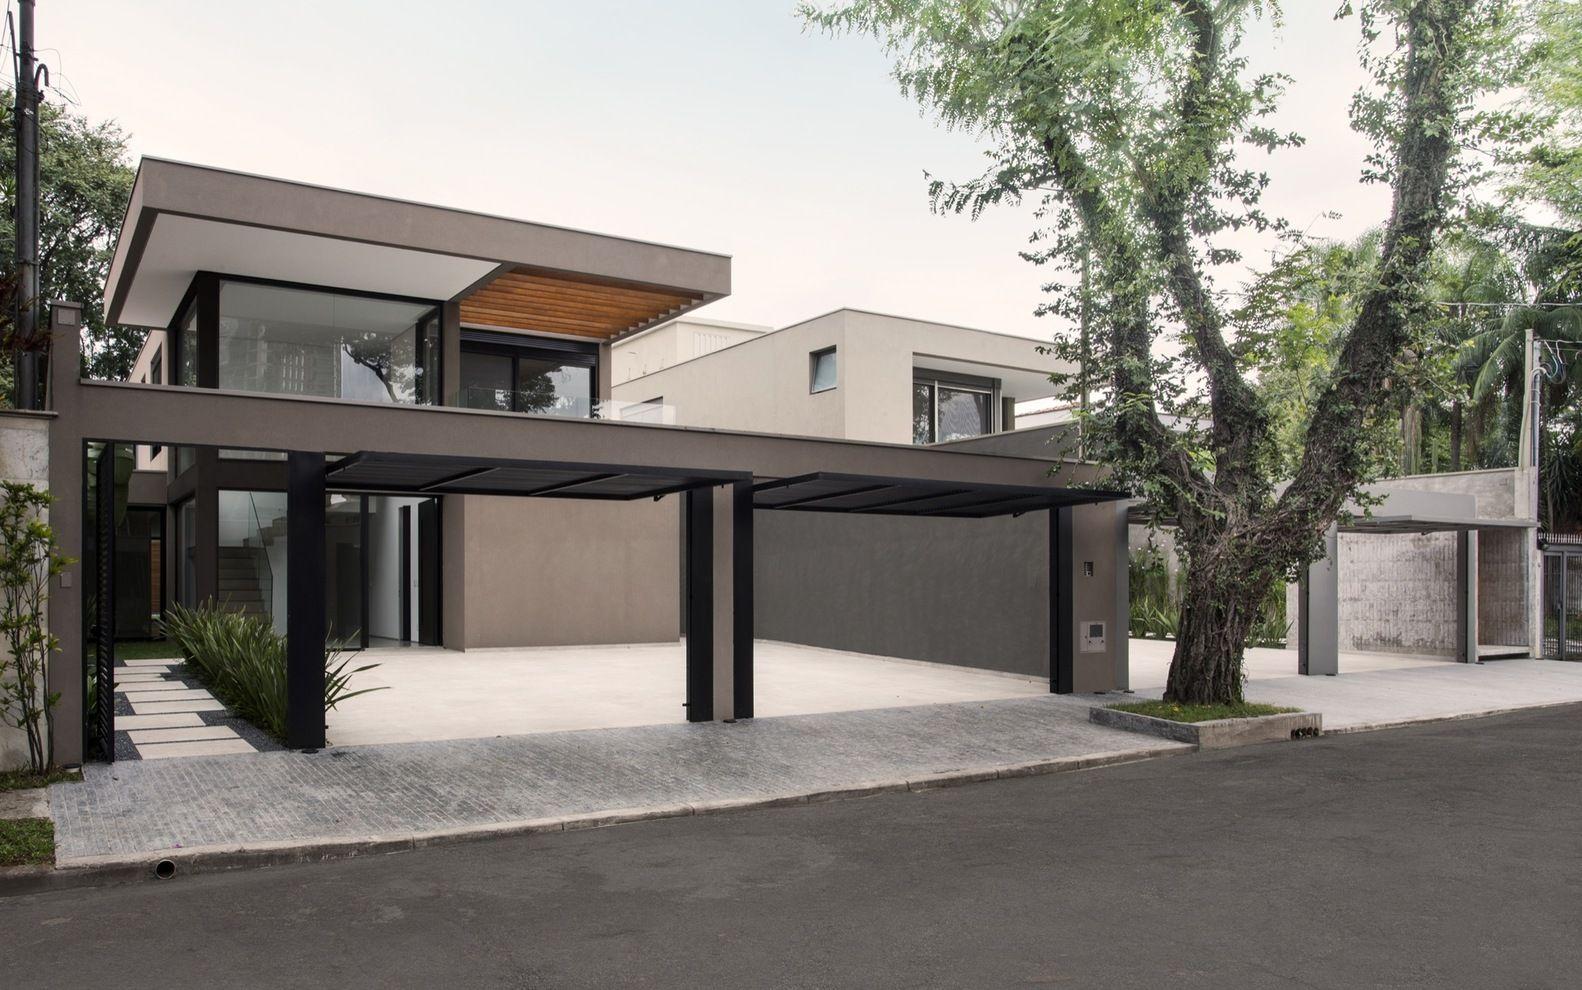 Galeria de Casas Hermanas / Drucker Arquitetos Associados - 16